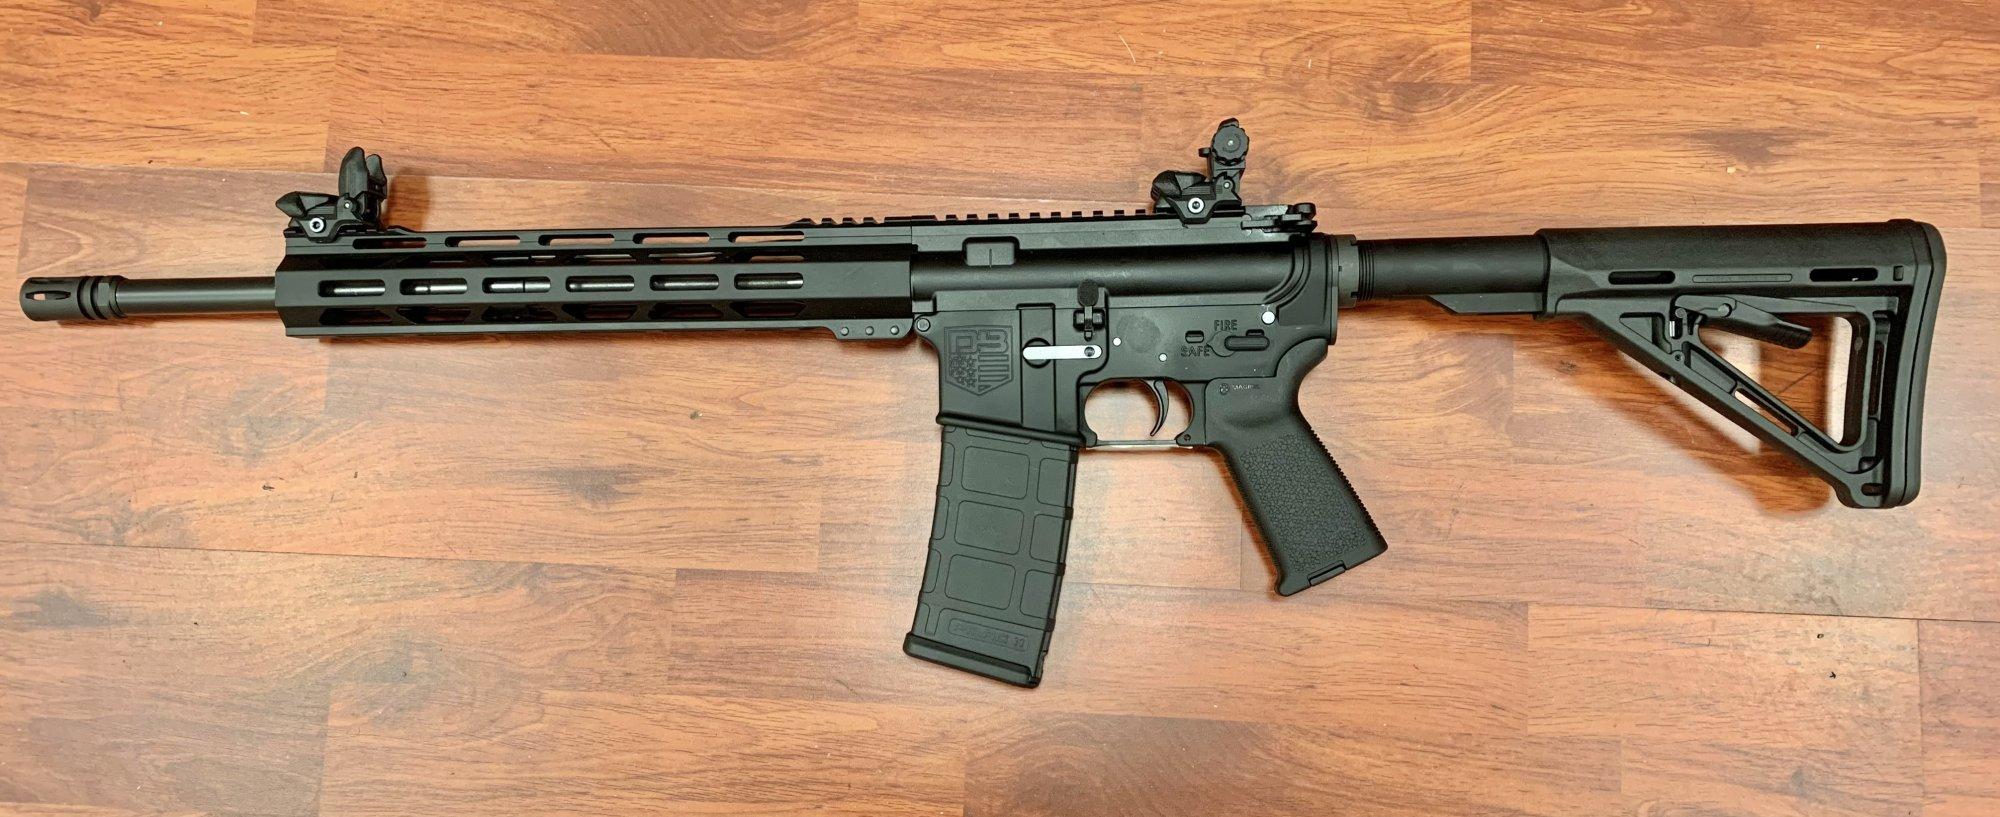 Diamondback DB-15 AR15 Rifle w/ Flip-up Sights